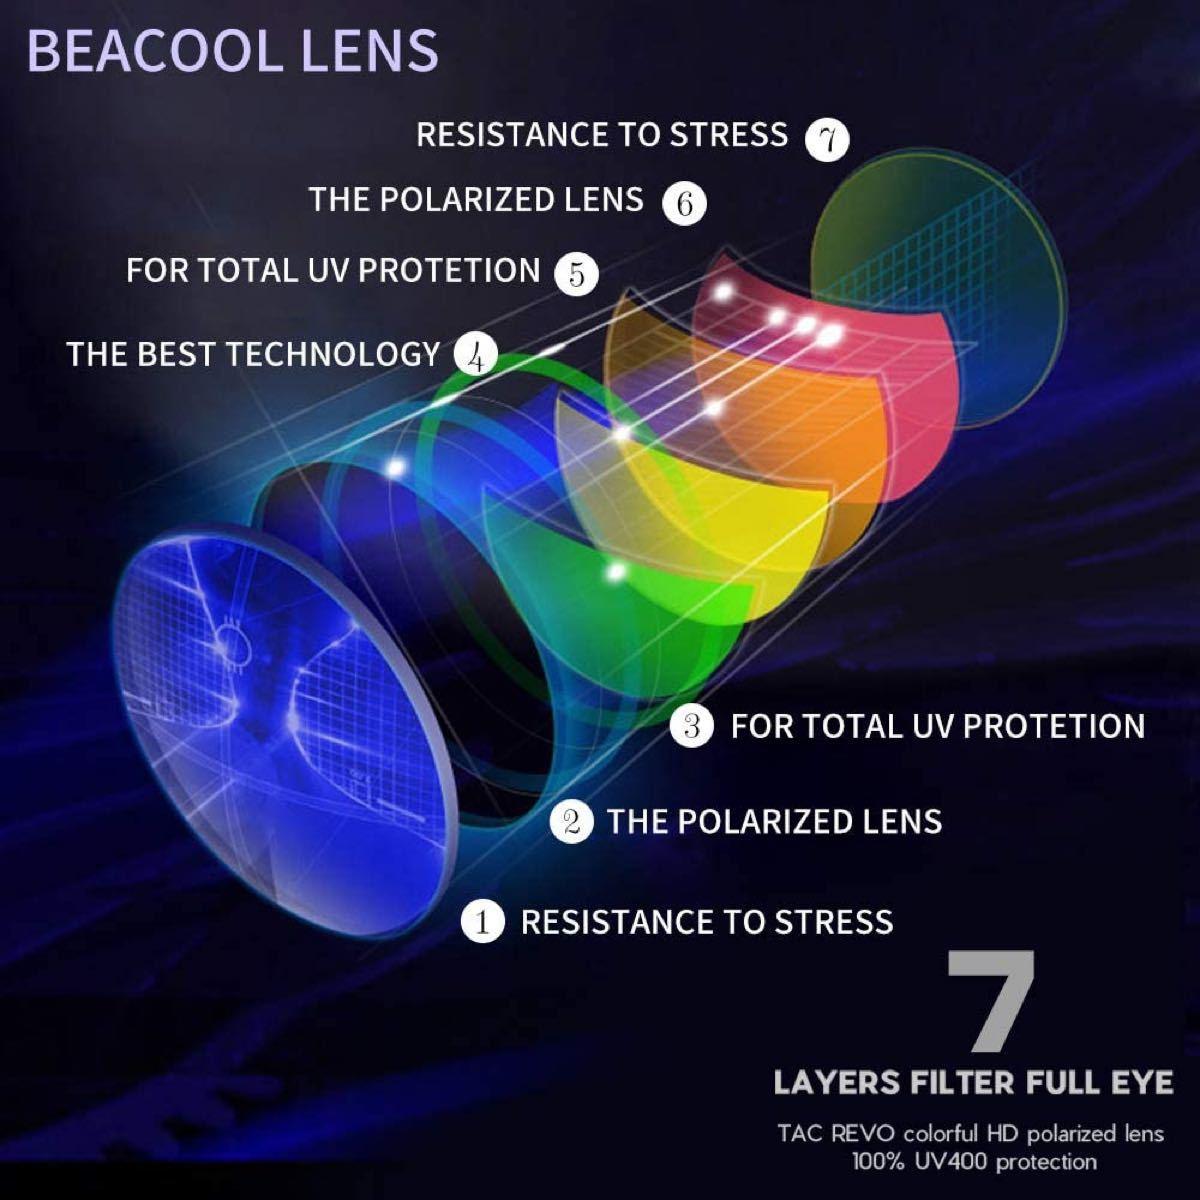 スポーツサングラス 偏光レンズ 超軽量 UV400 TAC TR90 紫外線防止 安全 清晰